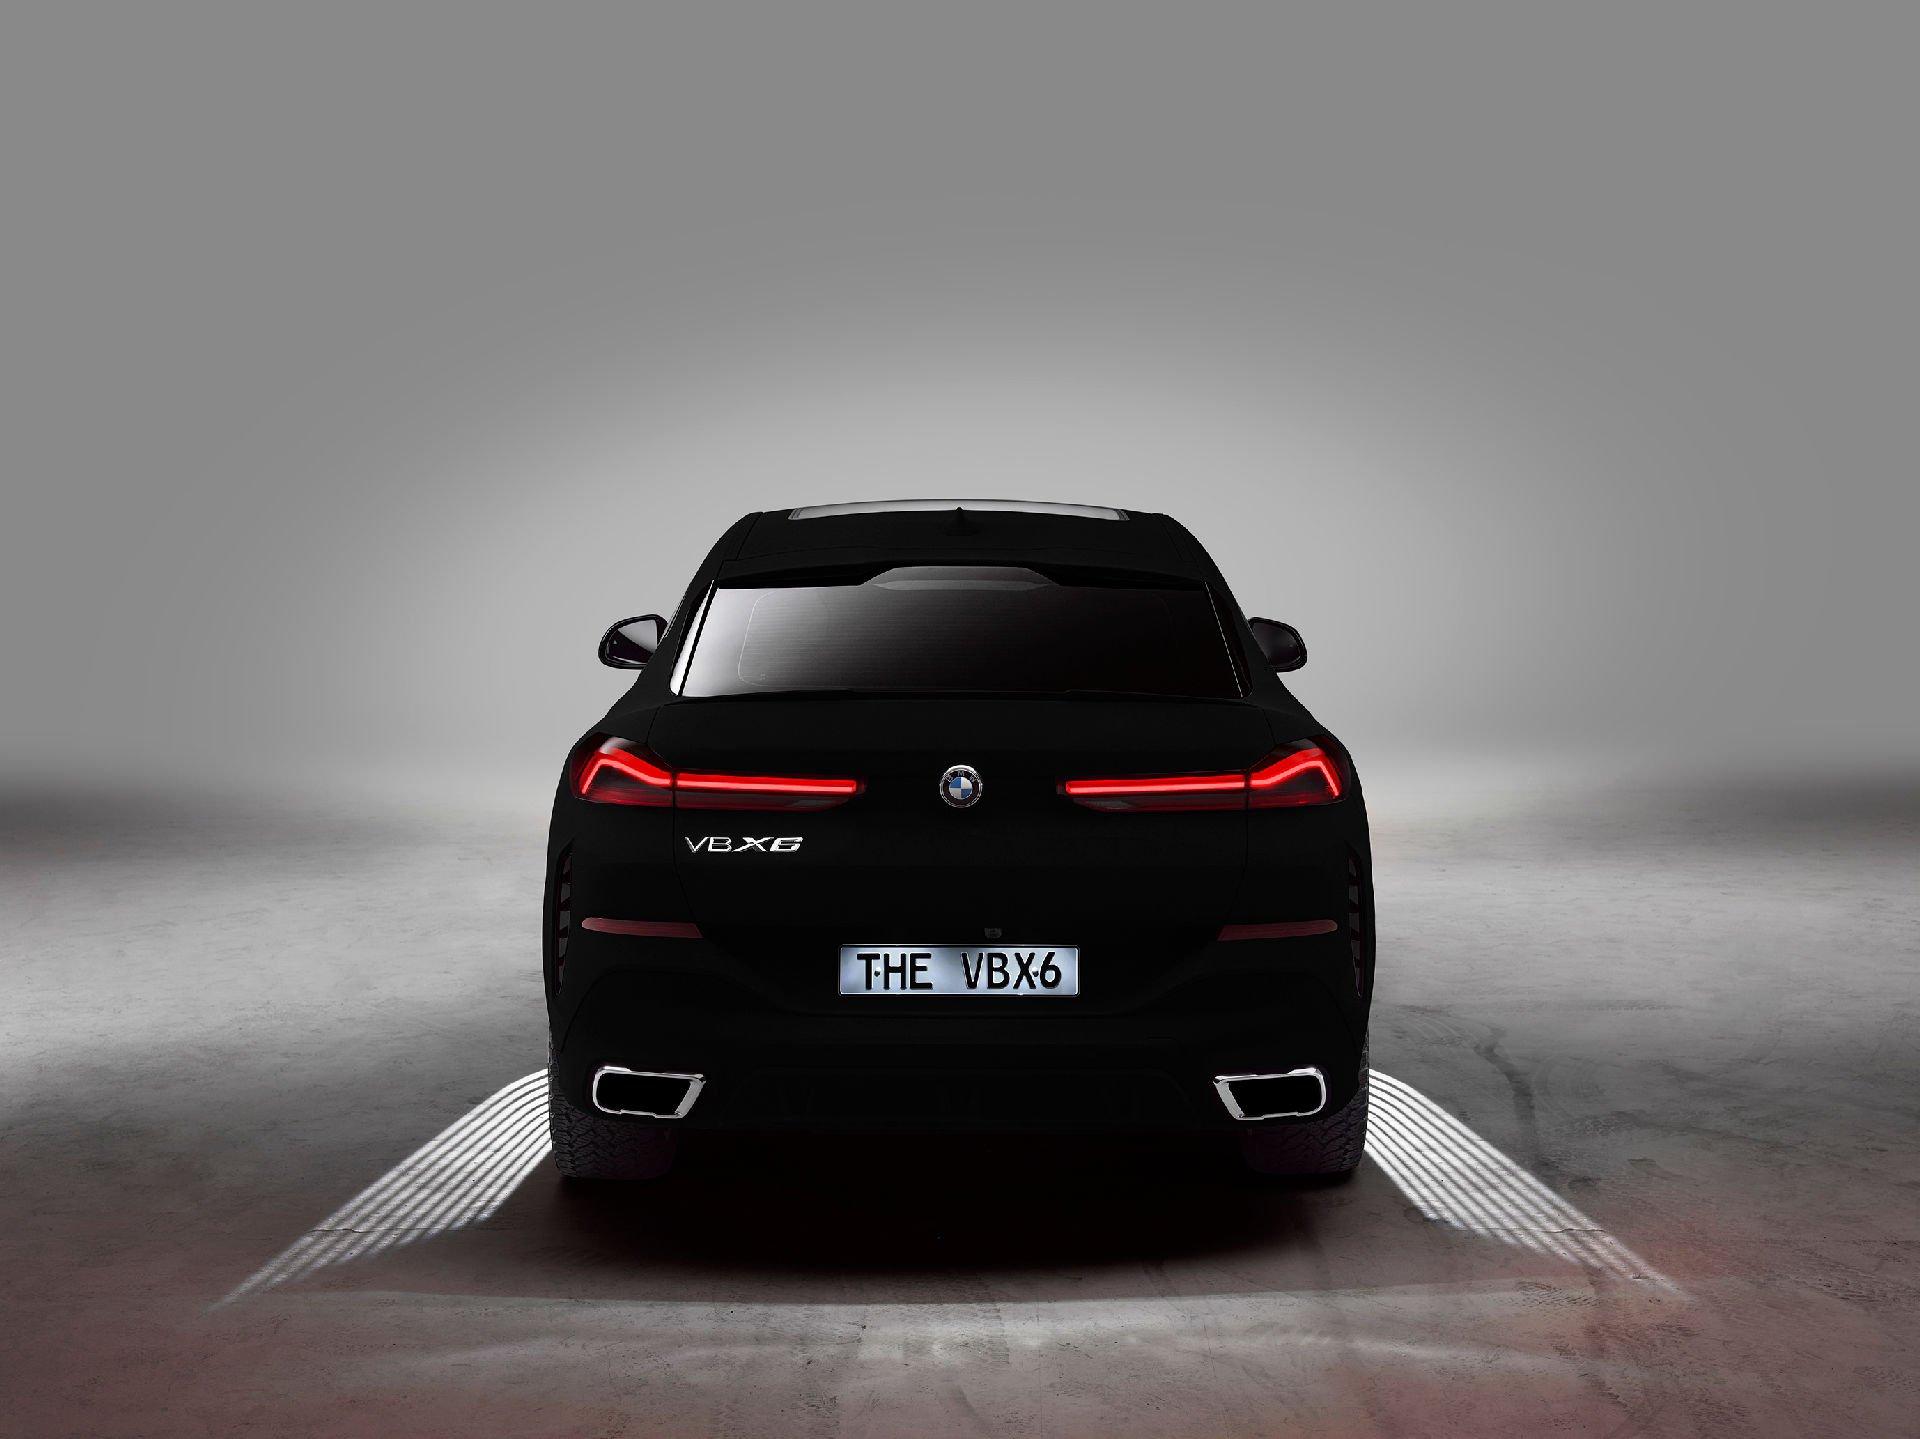 这里的一辆宝马X6获得了世界上最黑的黑色涂装,满足你对黑色的执着